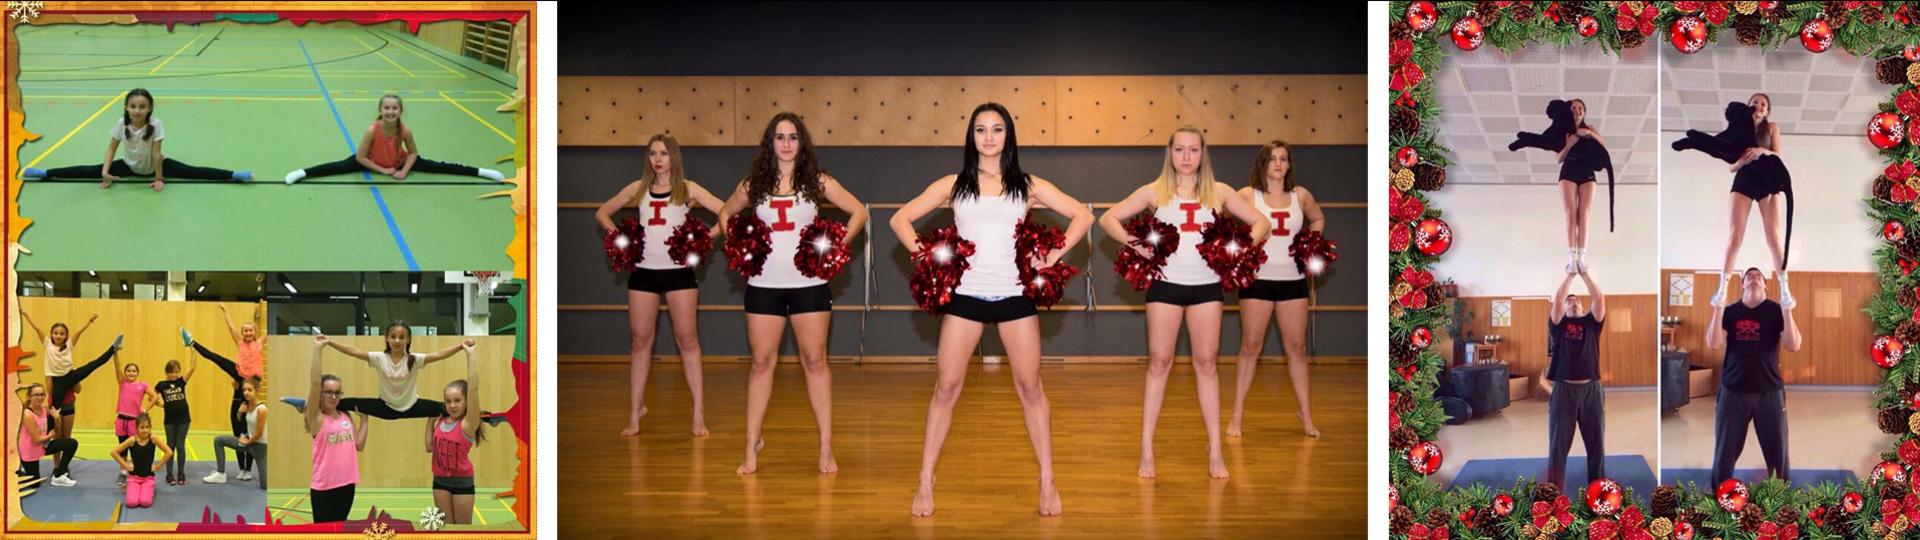 Cheerleader Adventskalender